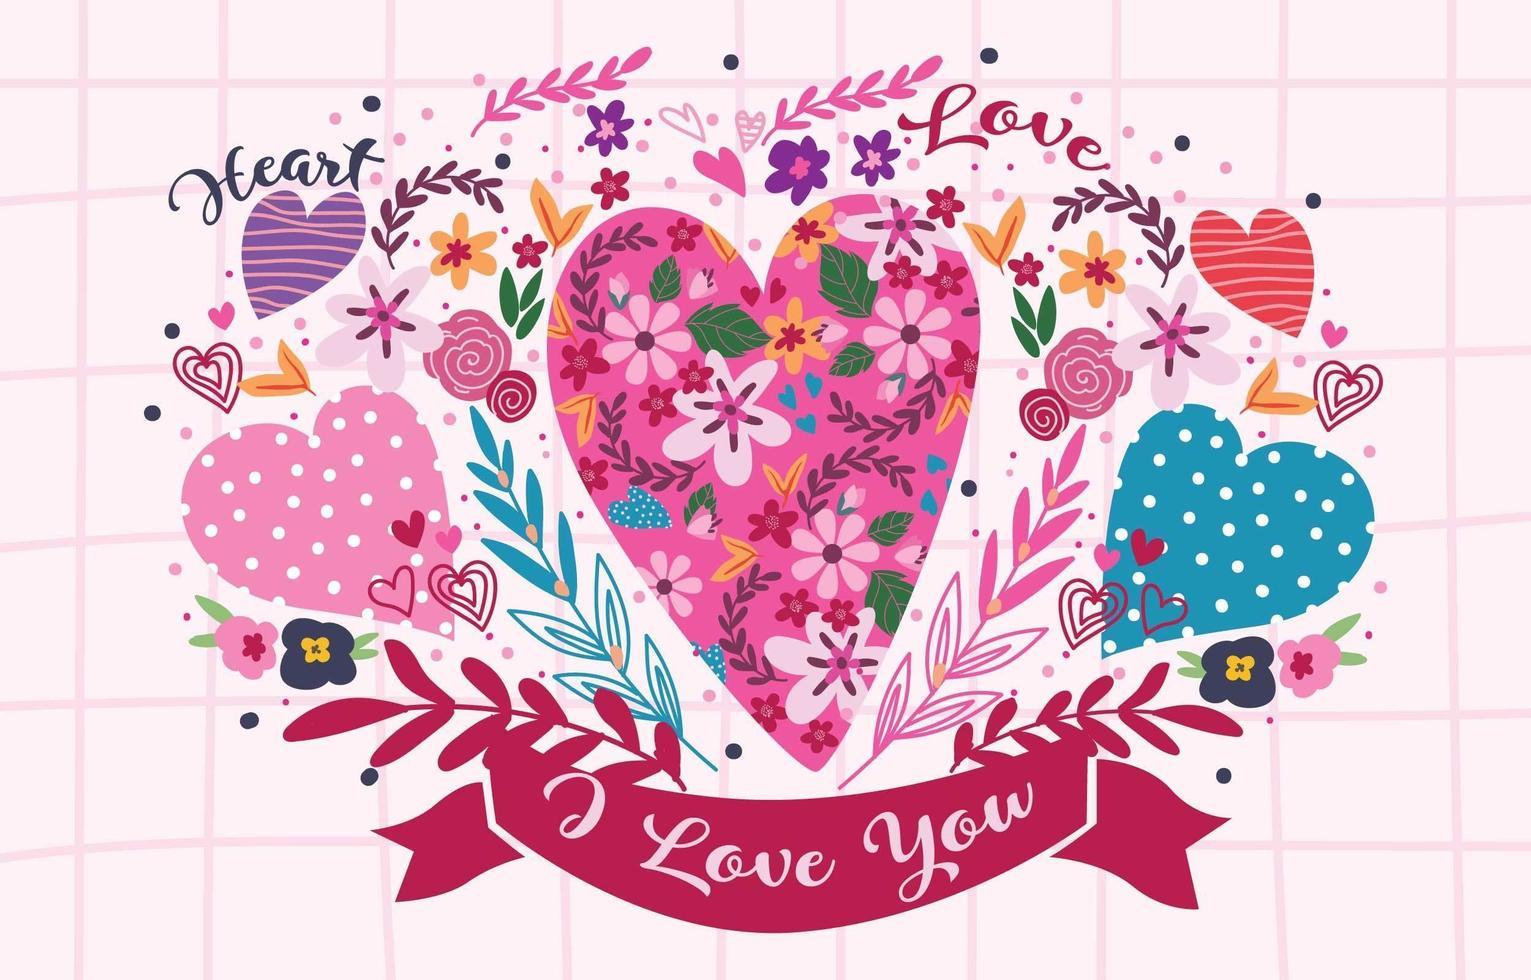 hart illustratie met kleurrijke bloemen vector